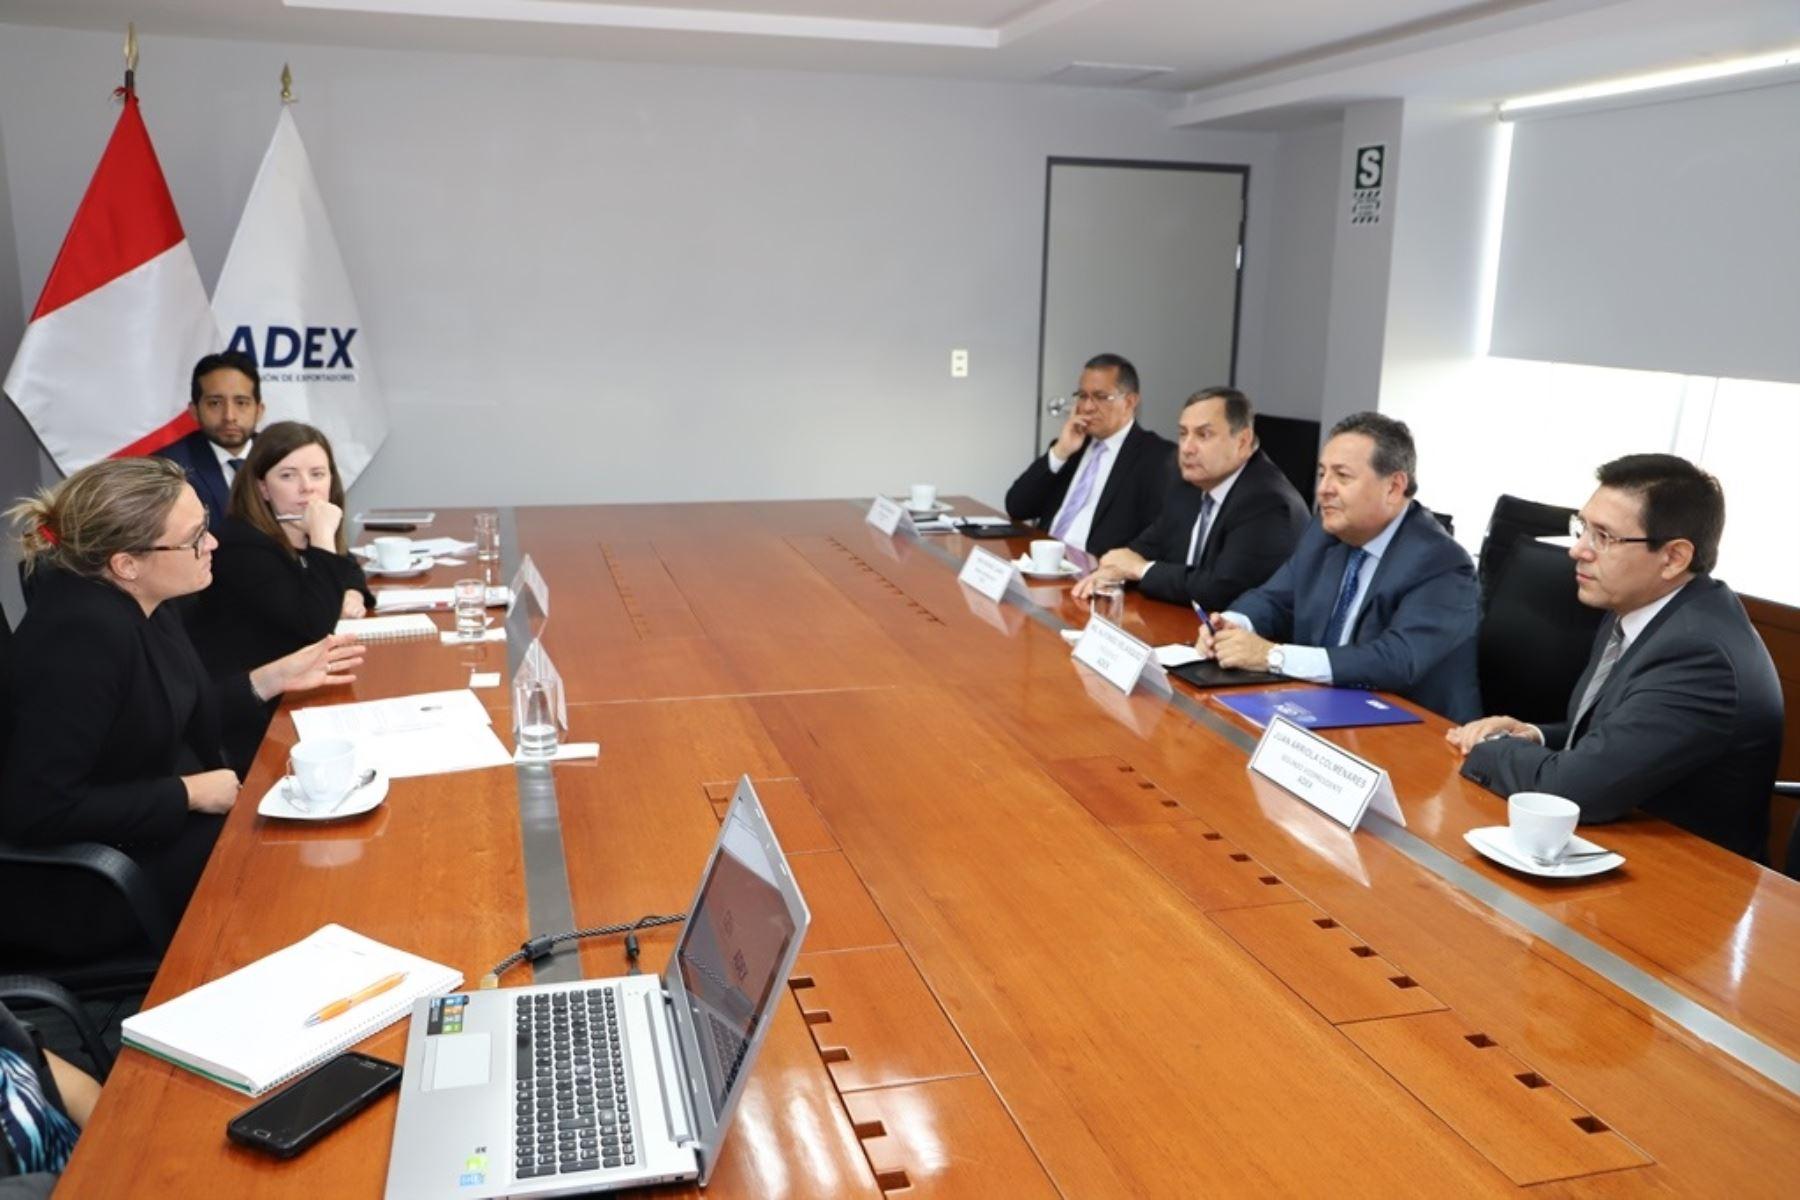 Reunión entre representantes de Adex y Reino Unido.